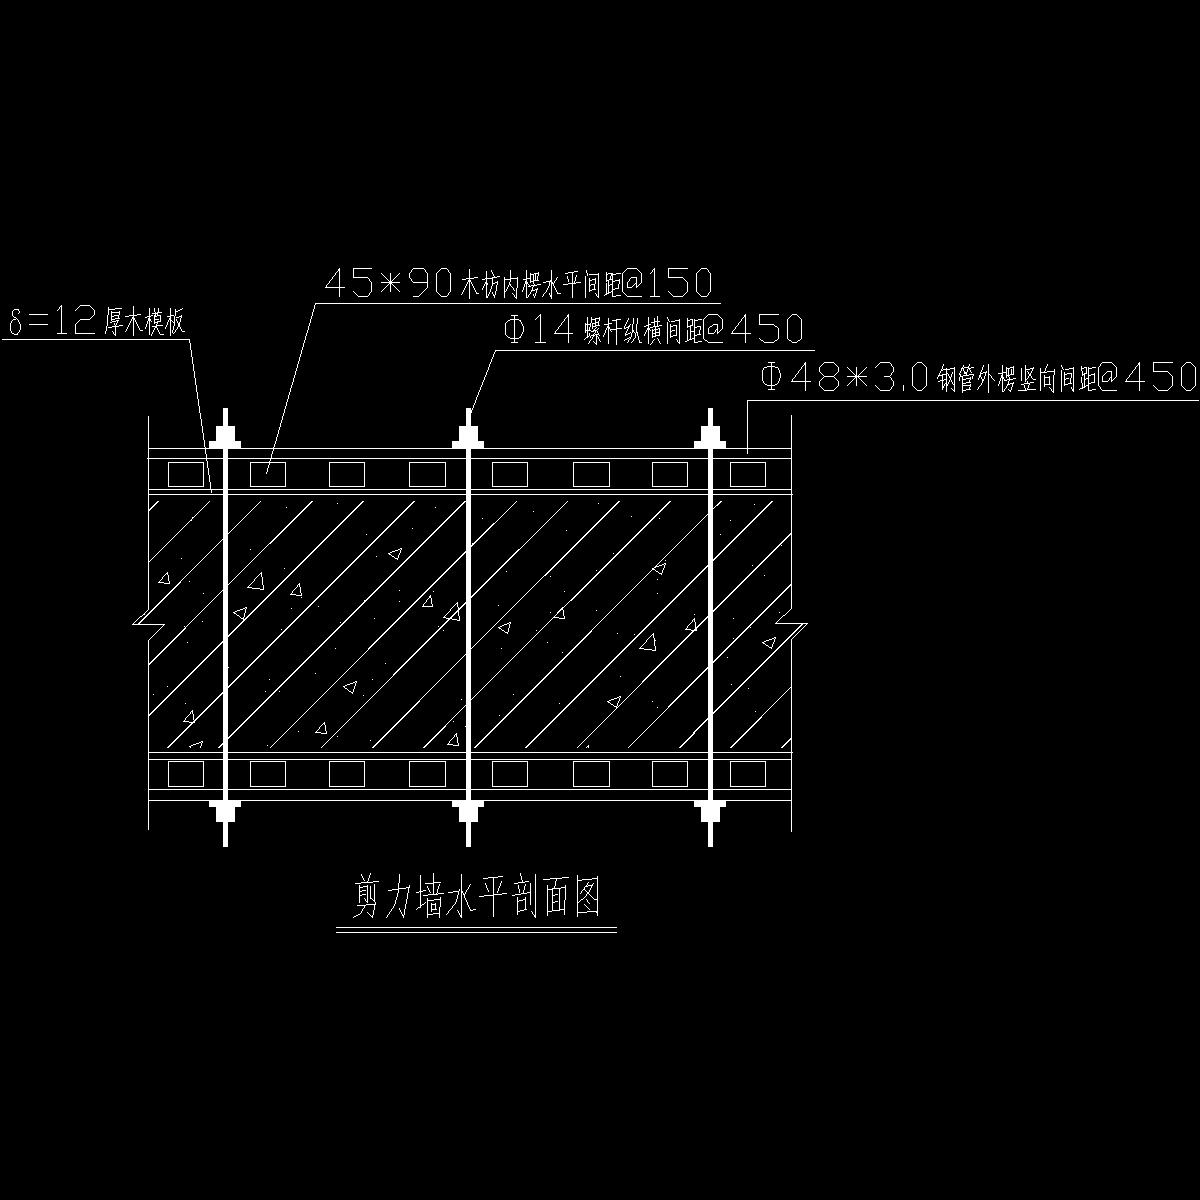 剪力墙水平剖面图.dwg